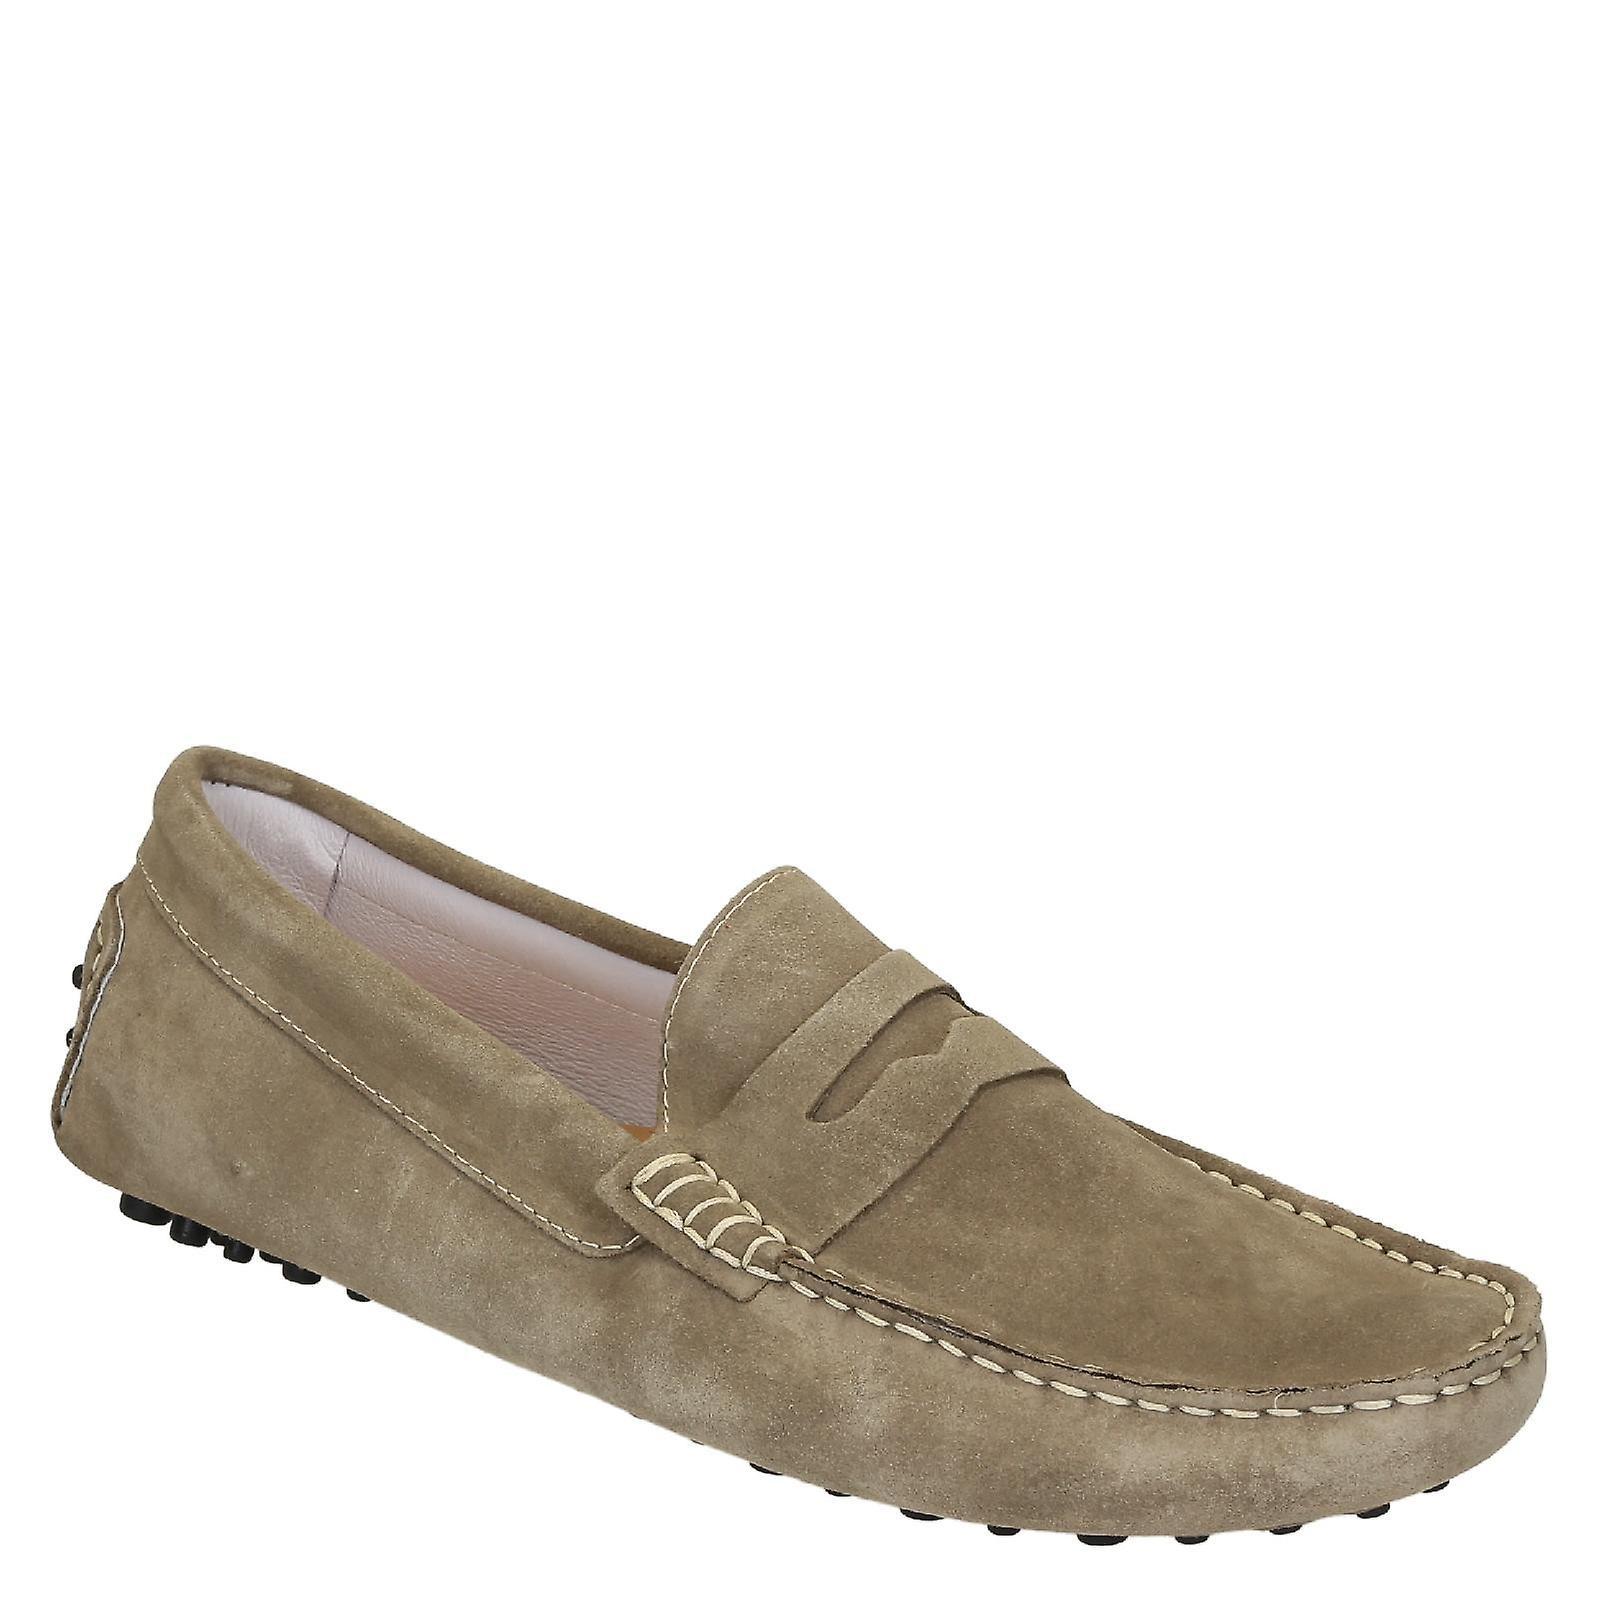 Norge 2020 Herre Made In Italia Schuhe Mokassins